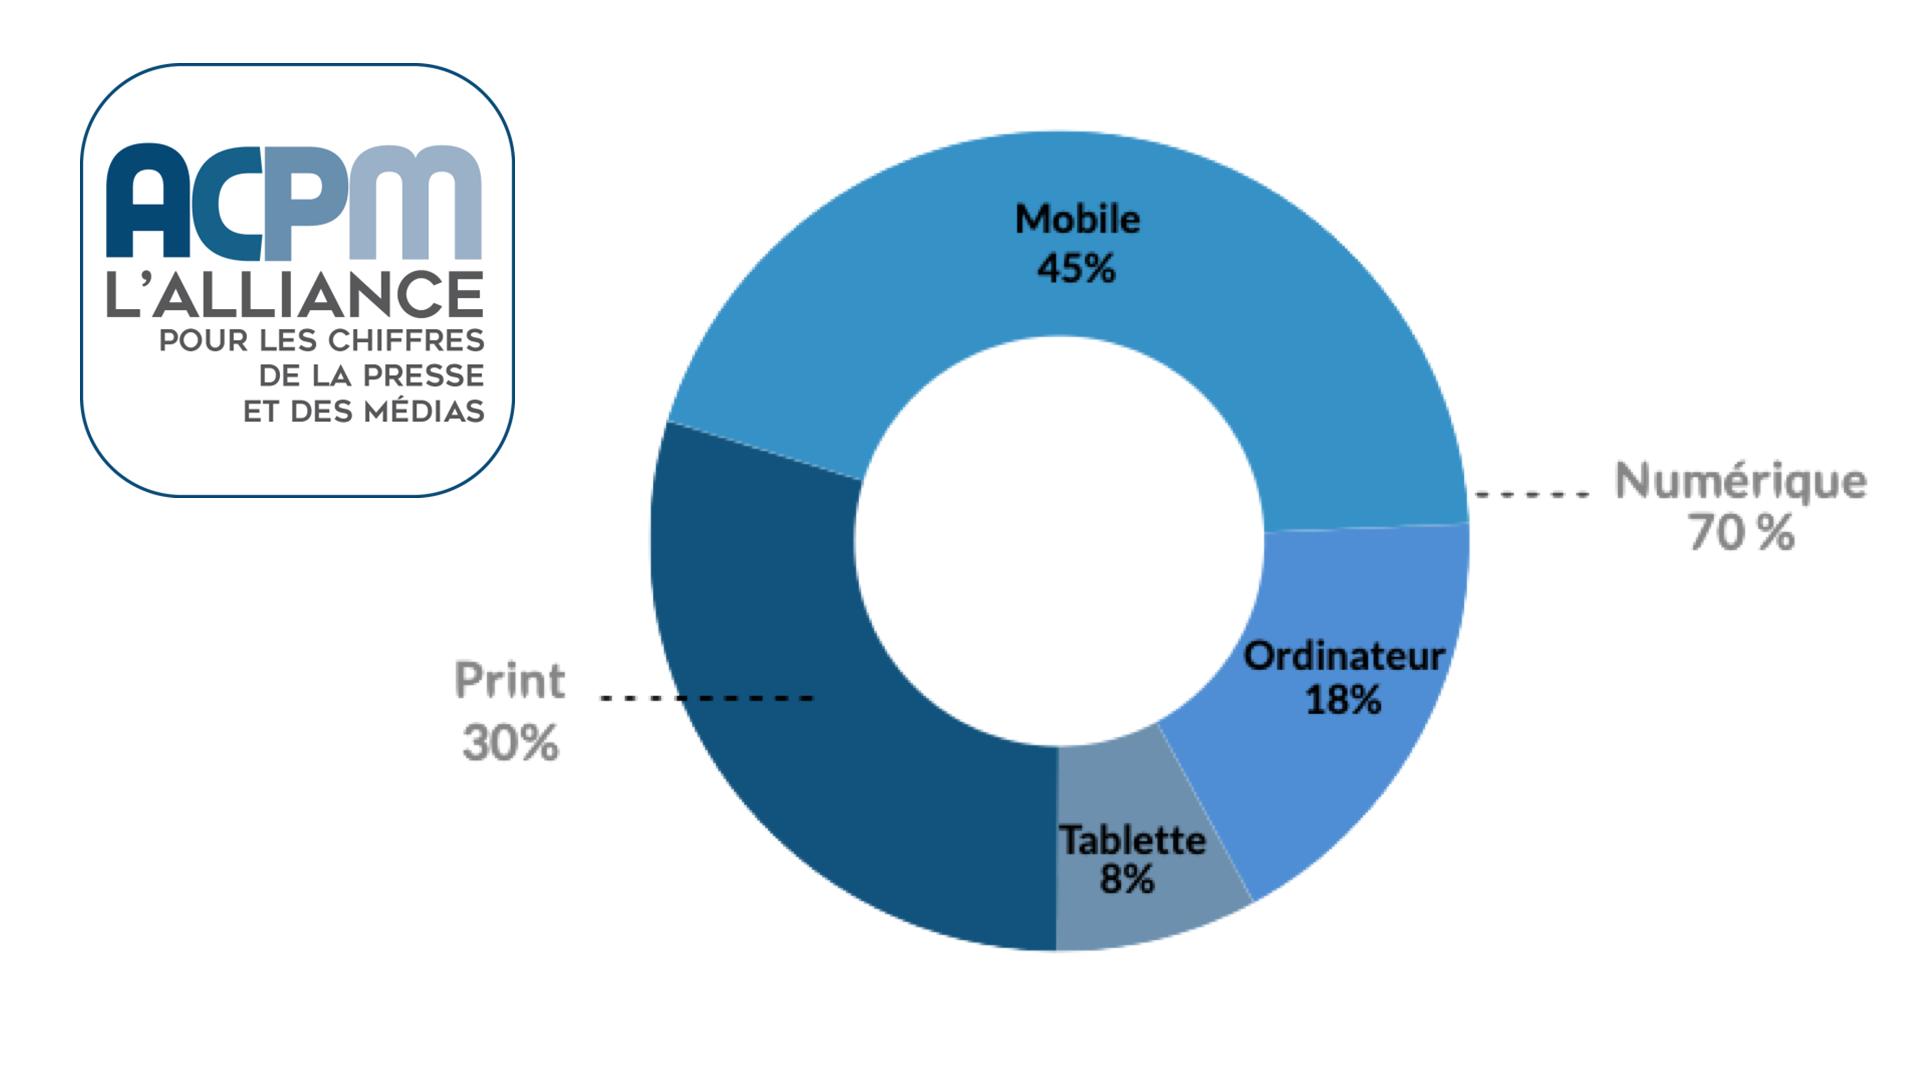 45% de l'audience de la presse se fait désormais sur mobile